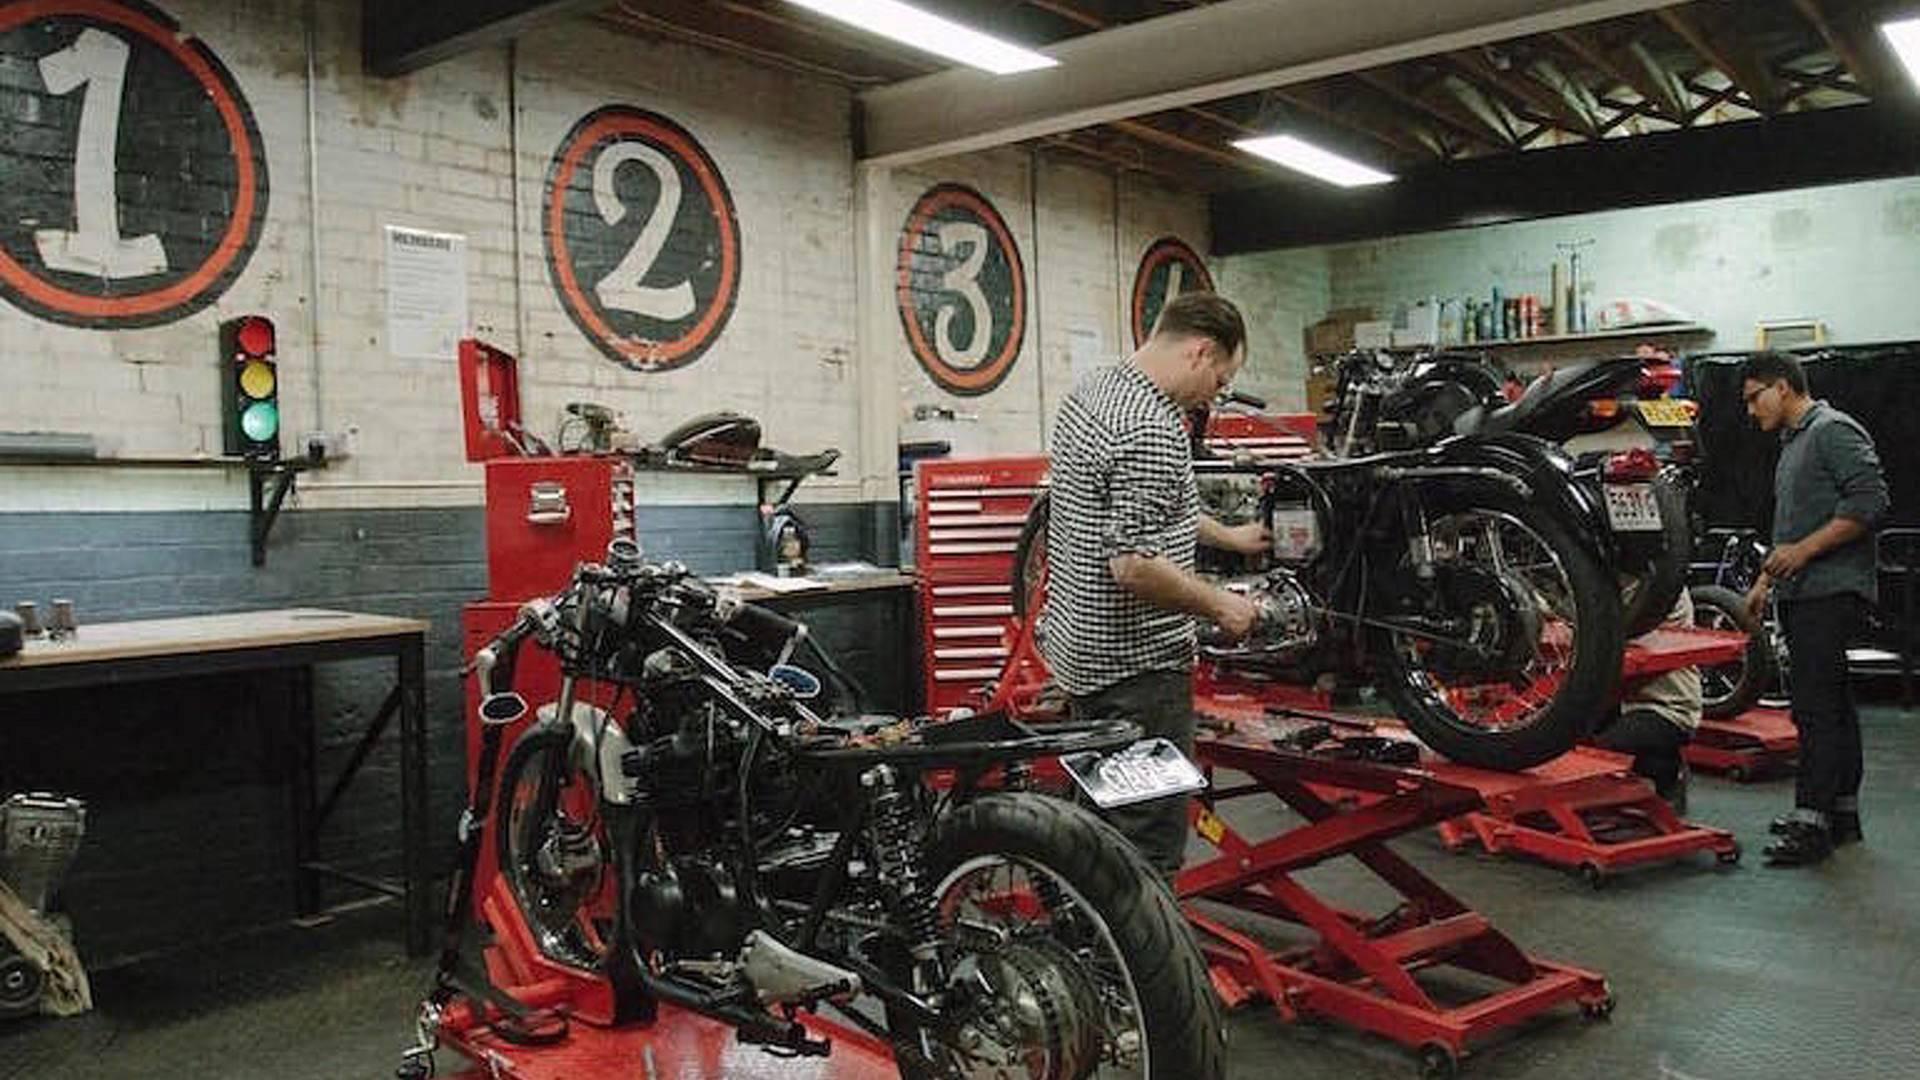 motorcycle servicing shop